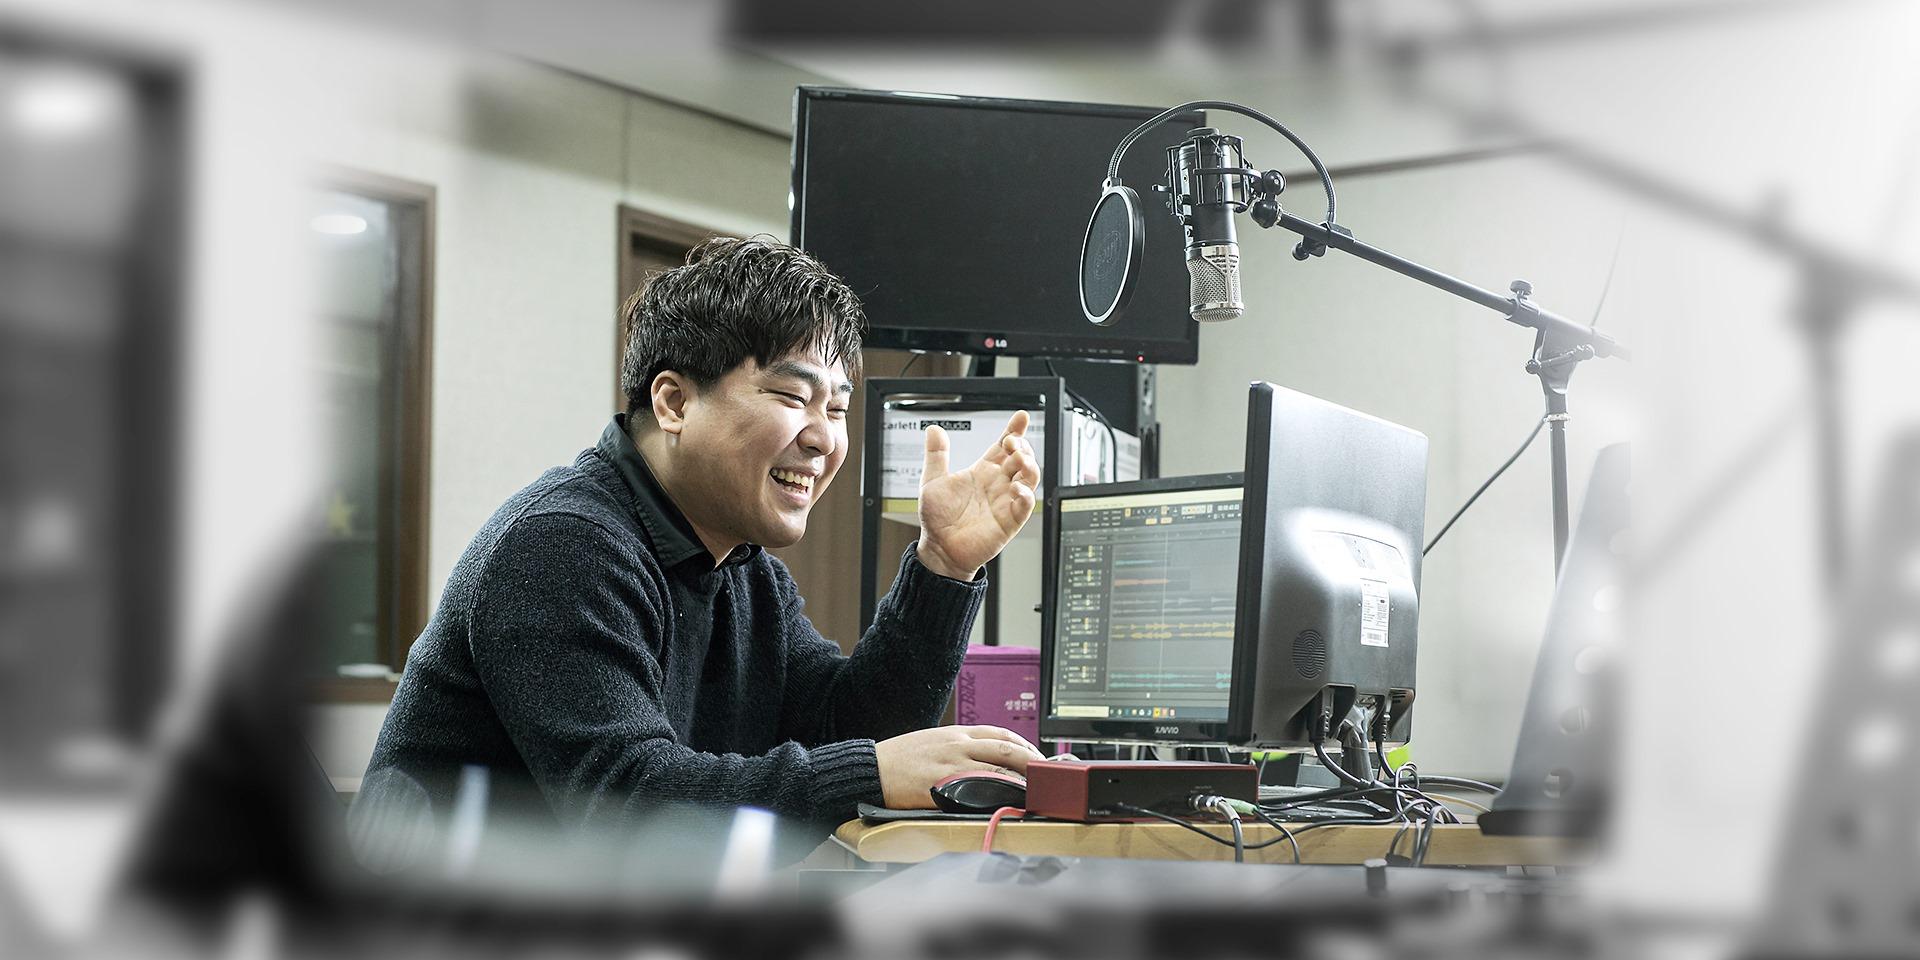 음악, 더 즐겁고 행복하게 만나세요 <BR />파우제 뮤직 김정재 대표